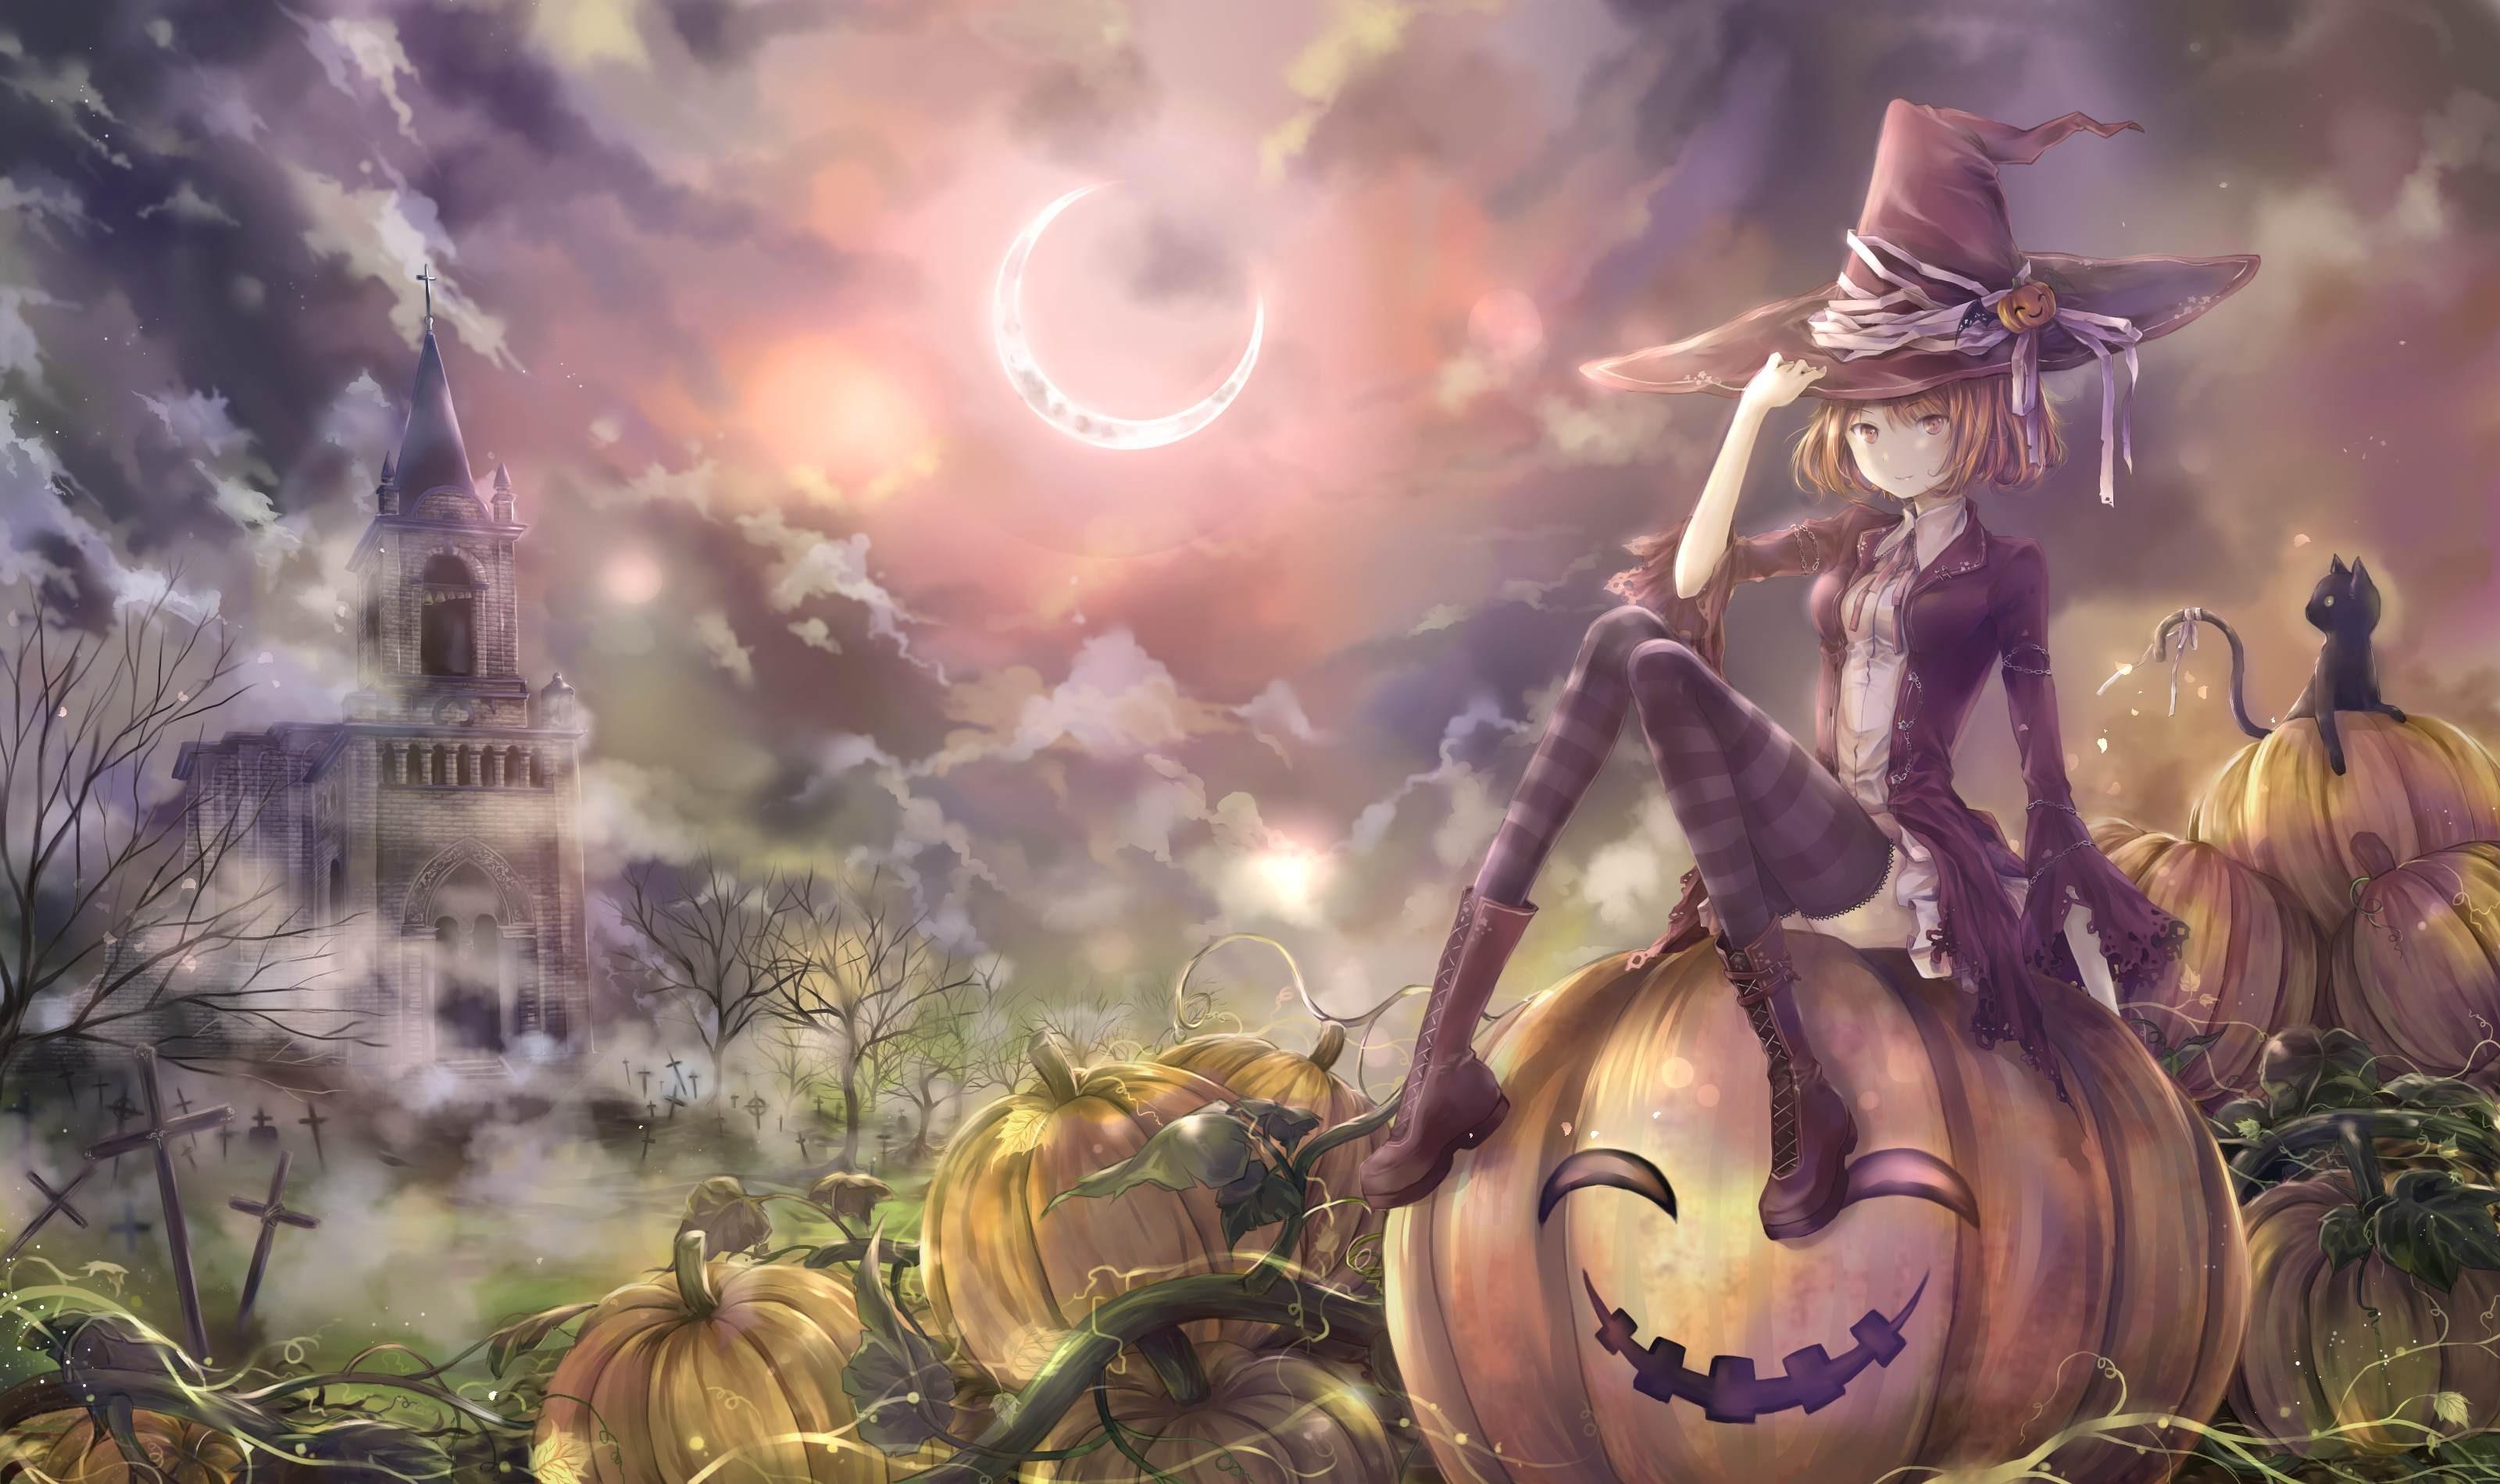 Wallpaper Cat Blonde Anime Girls Hat Halloween Pumpkin Clouds Moon Castle Thigh Highs Witch Mythology Screenshot Computer Wallpaper 3200x1900 Uaman 60452 Hd Wallpapers Wallhere